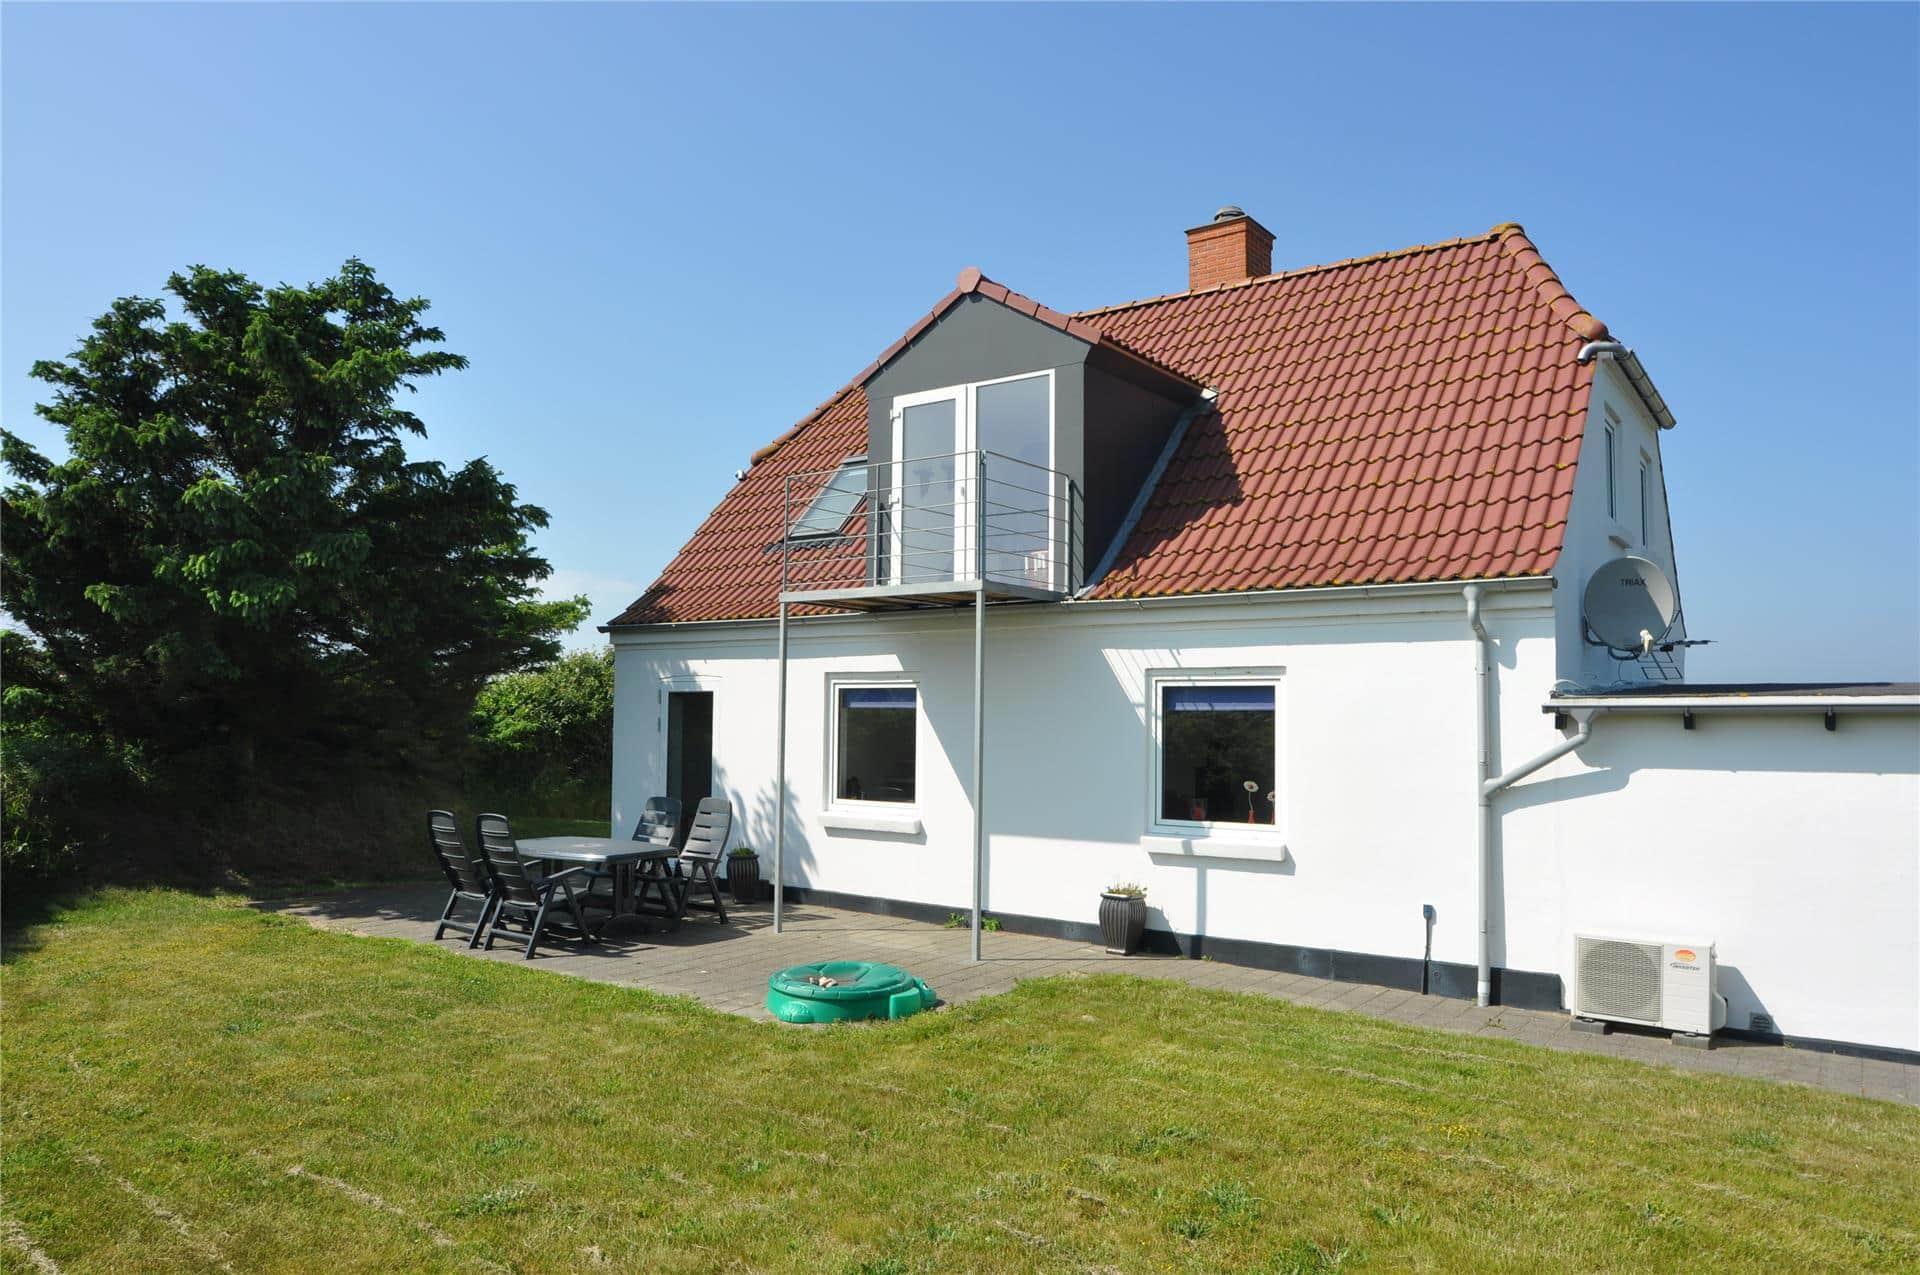 Bild 1-175 Stuga 50384, Klitvej 32, DK - 6990 Ulfborg